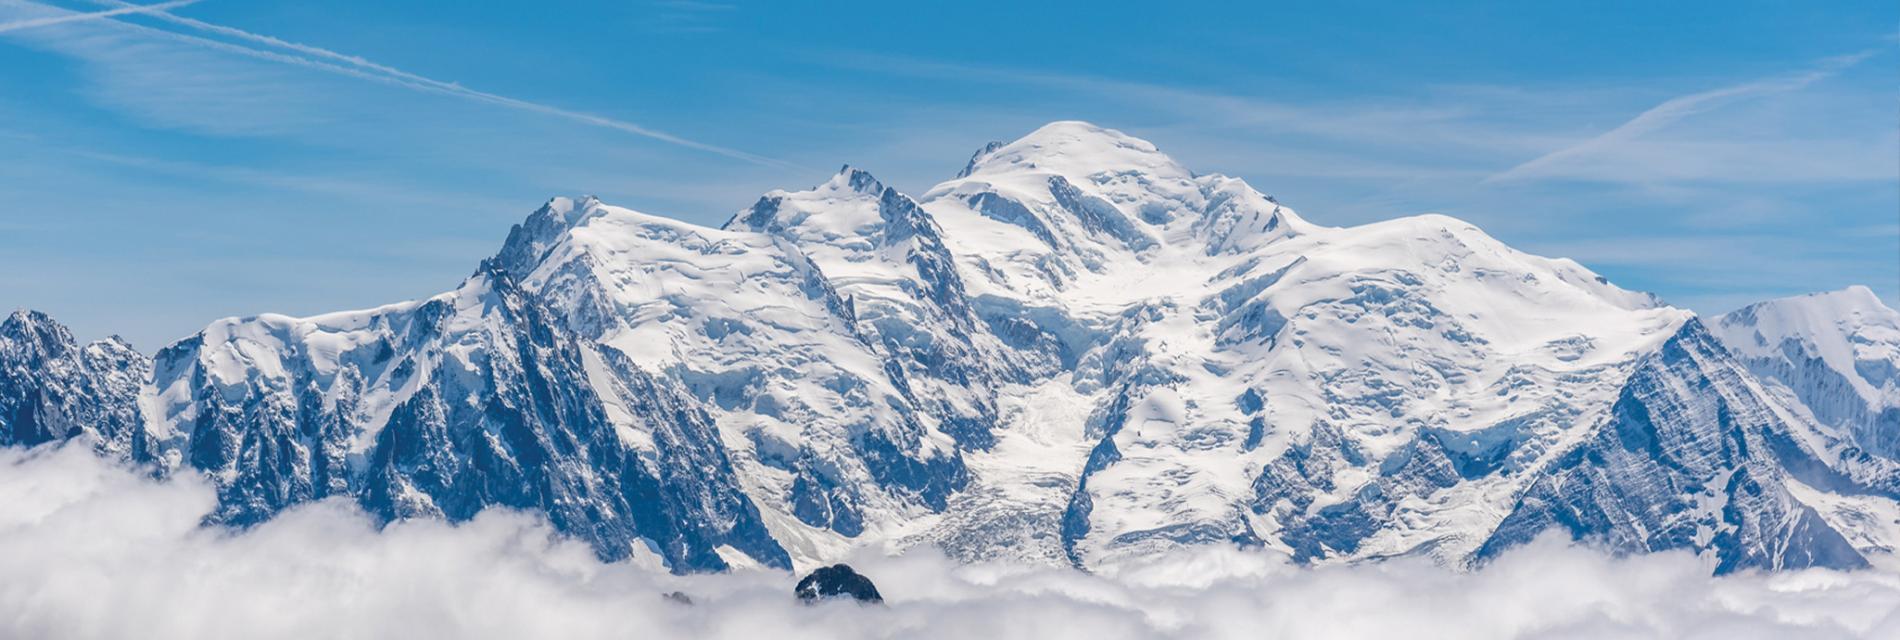 Slide le mont blanc